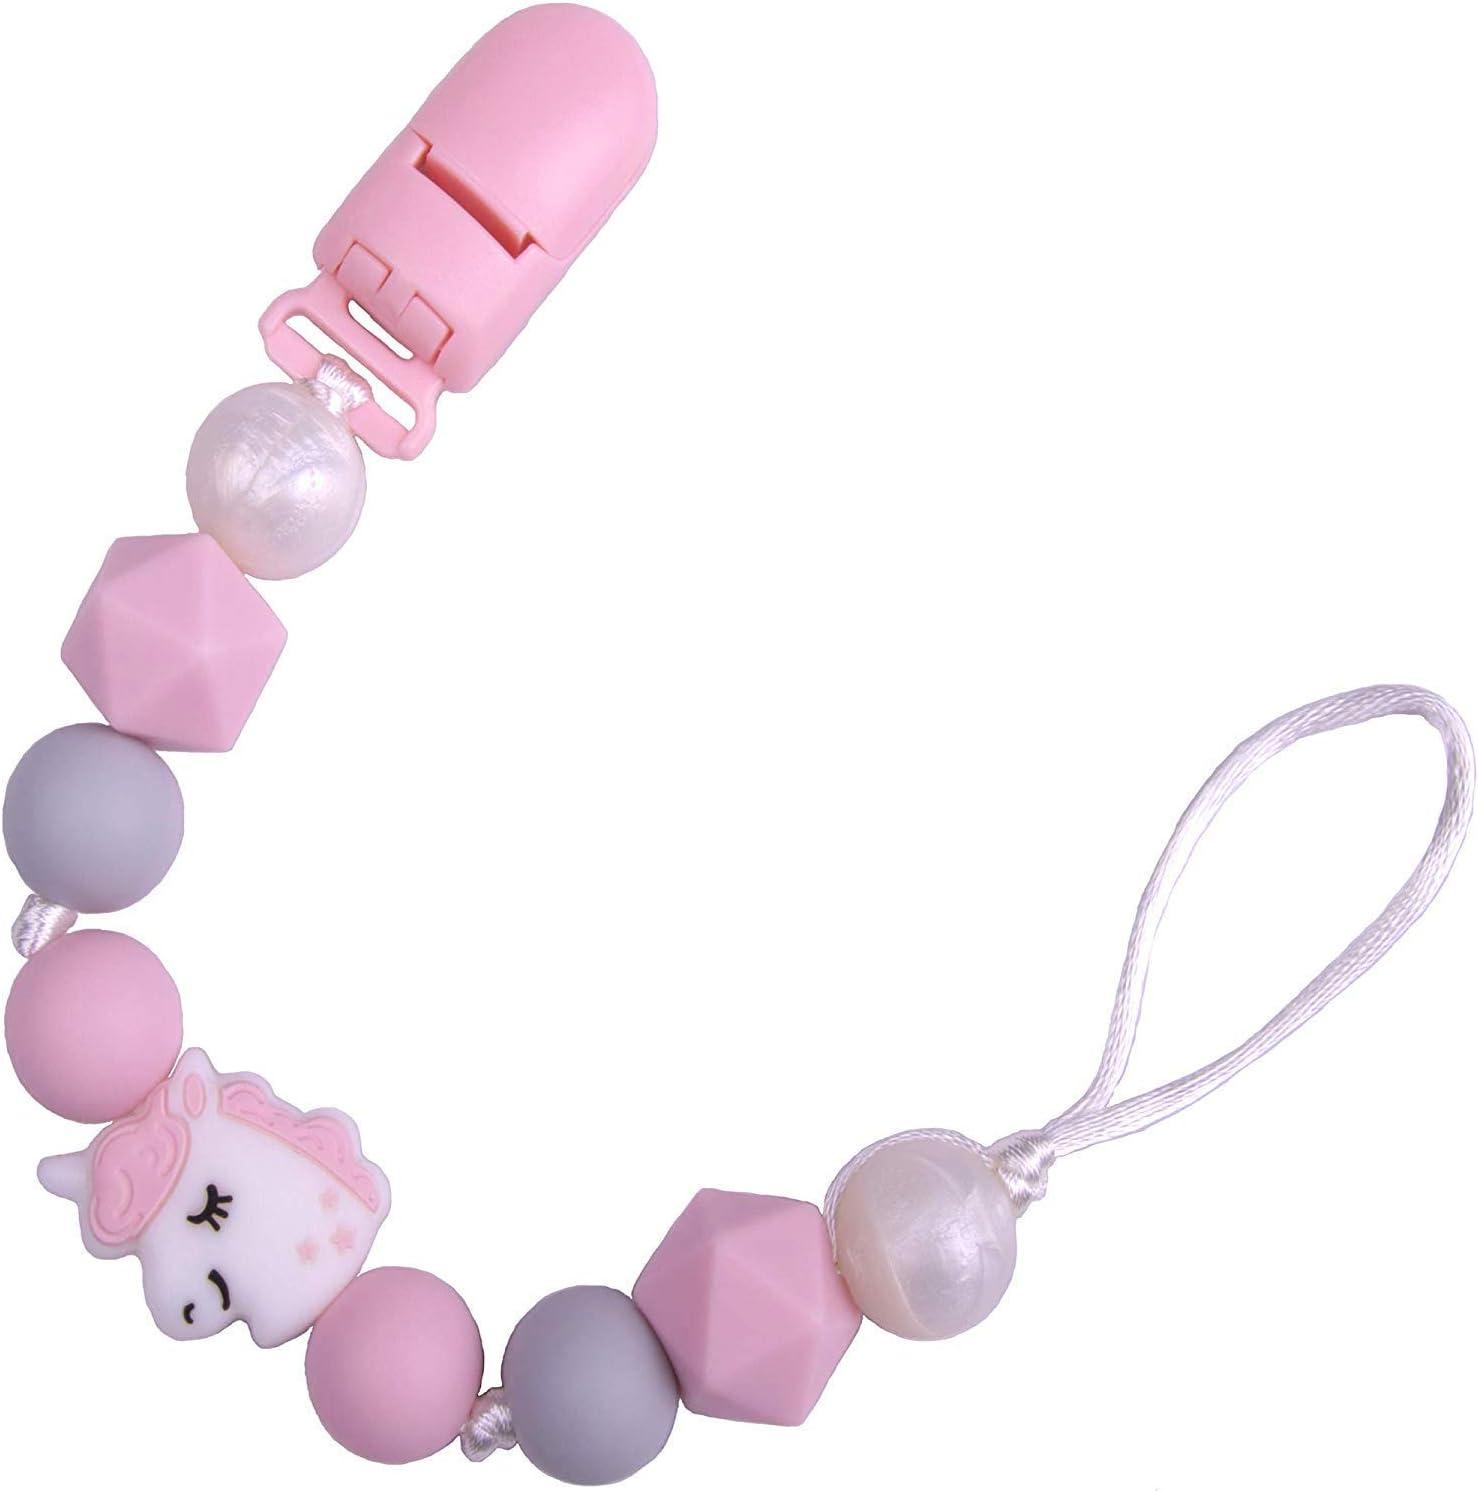 Perles en Silicone Souple Dentition Chainette avec Clip Universel Rose PREMYO Attache Sucette B/éb/é Fille Renard